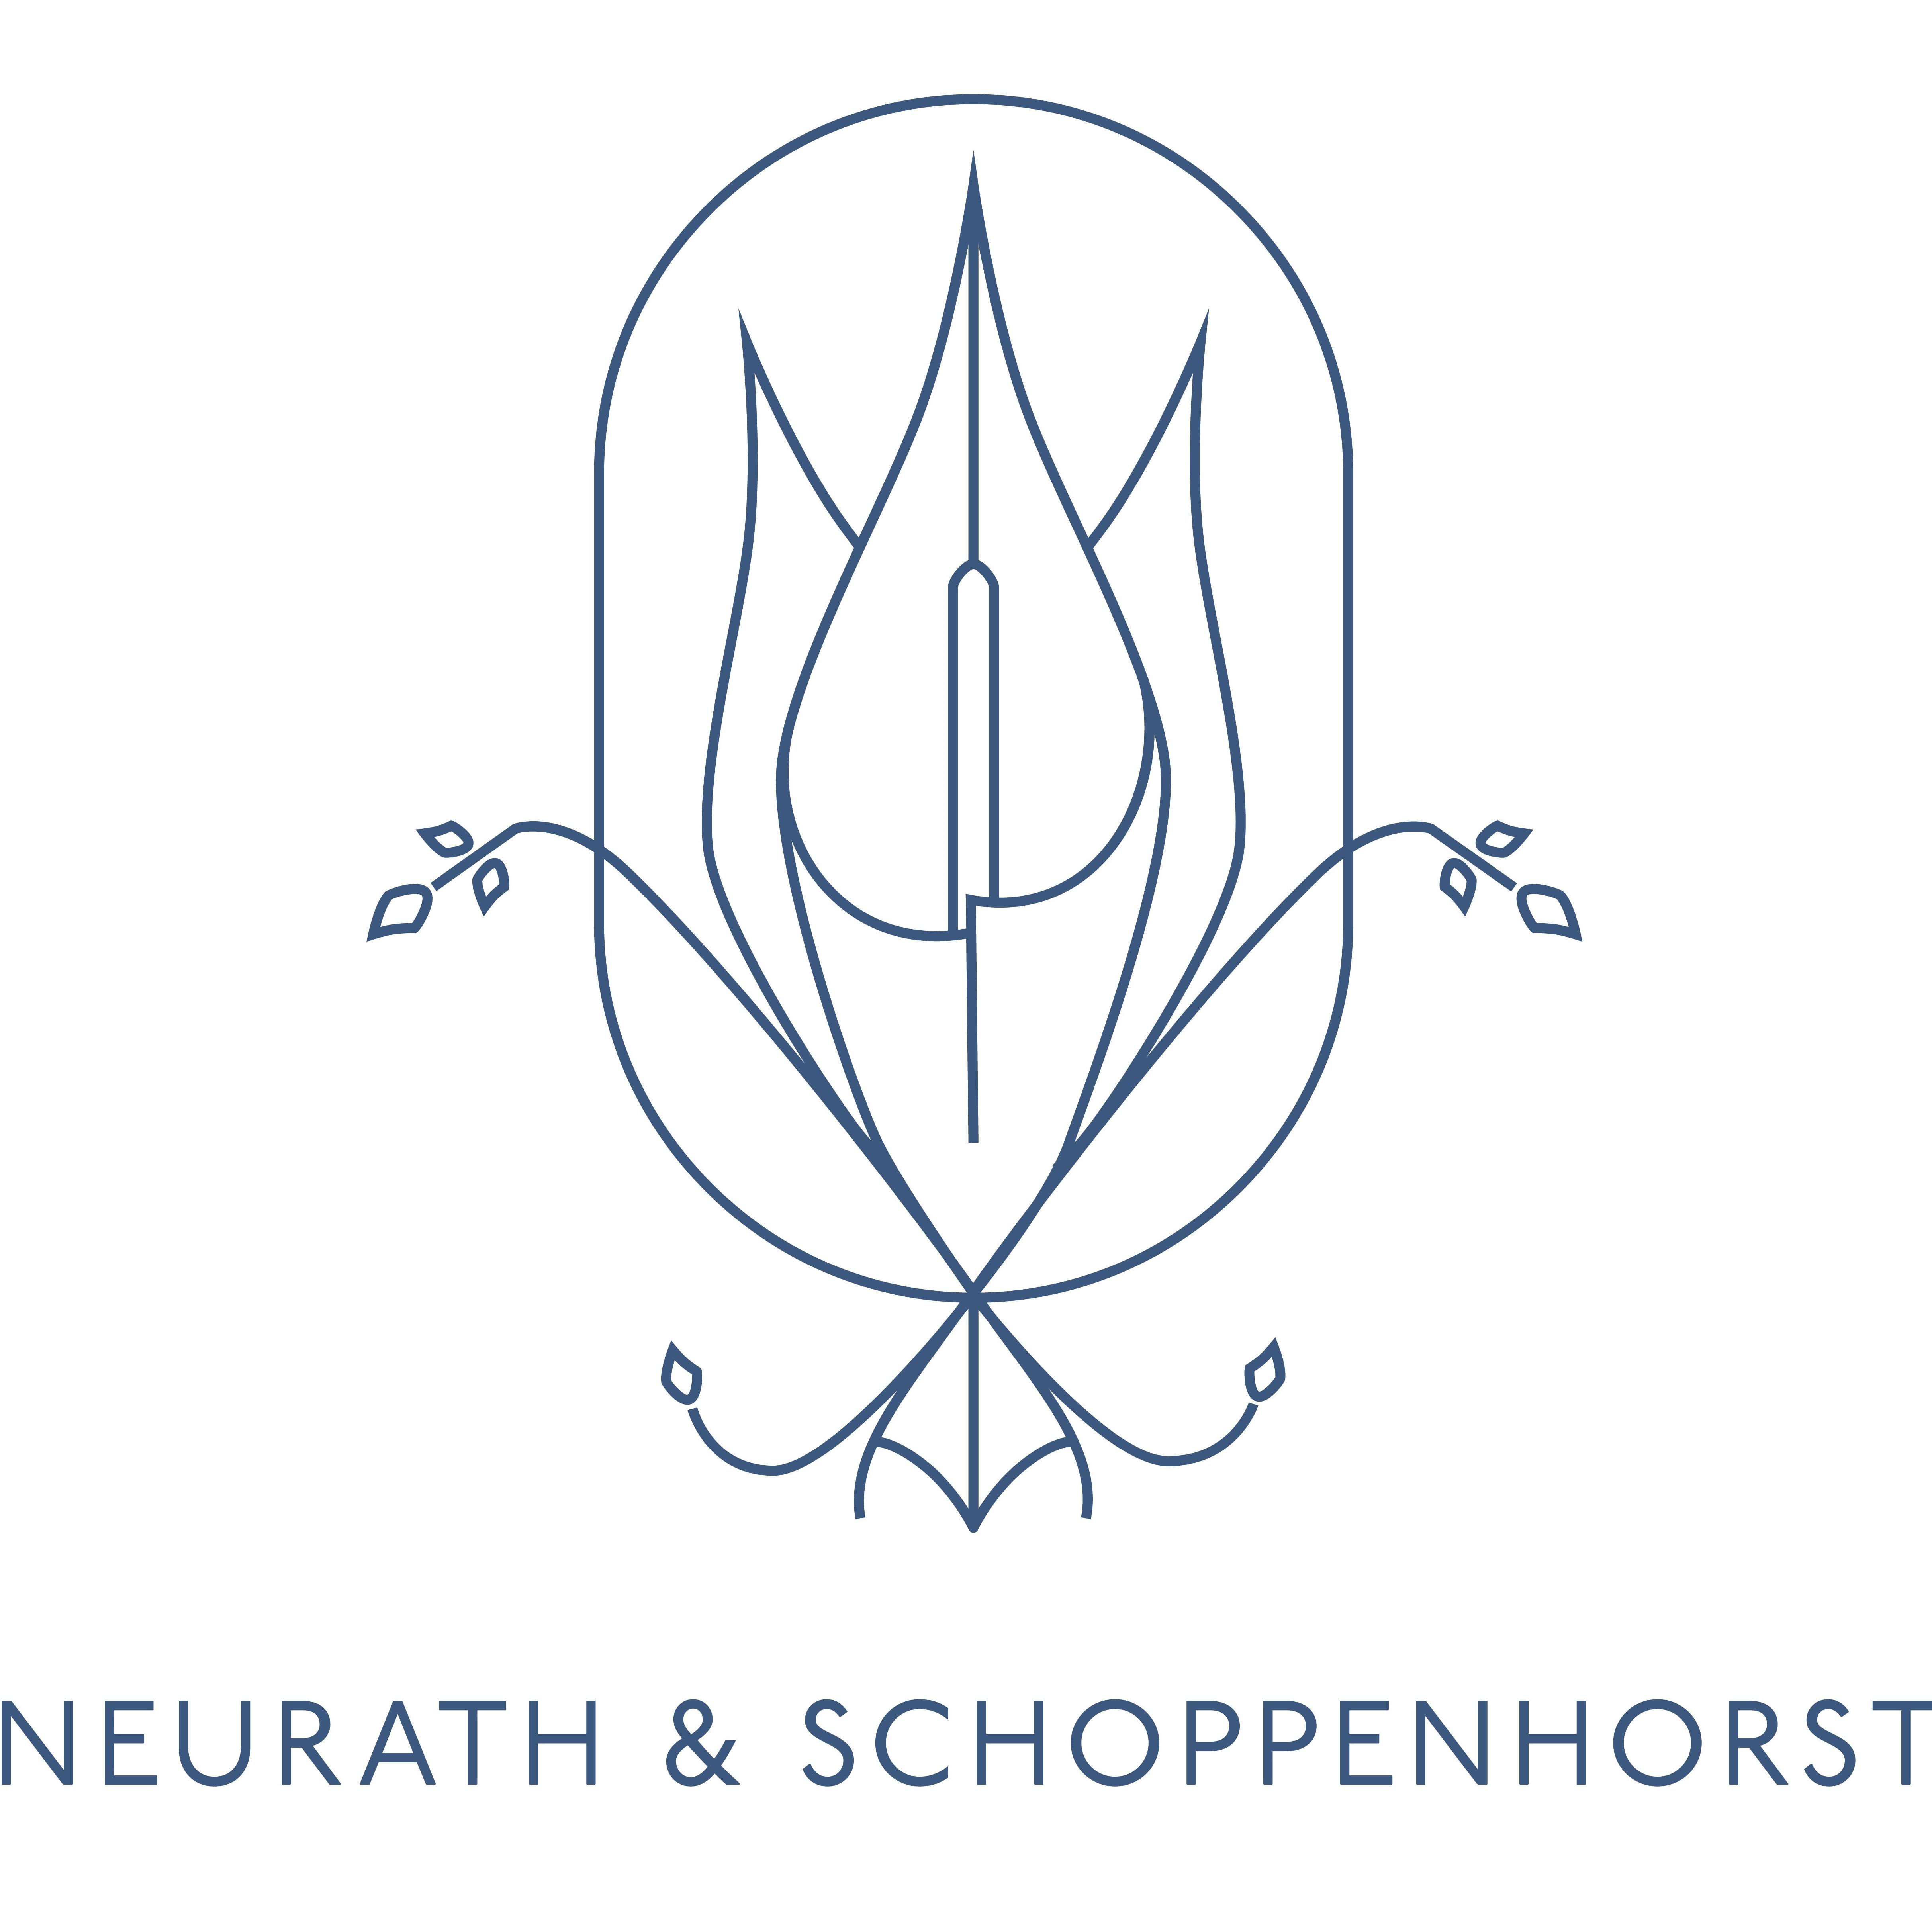 Neurath & Schoppenhorst Funeral Home